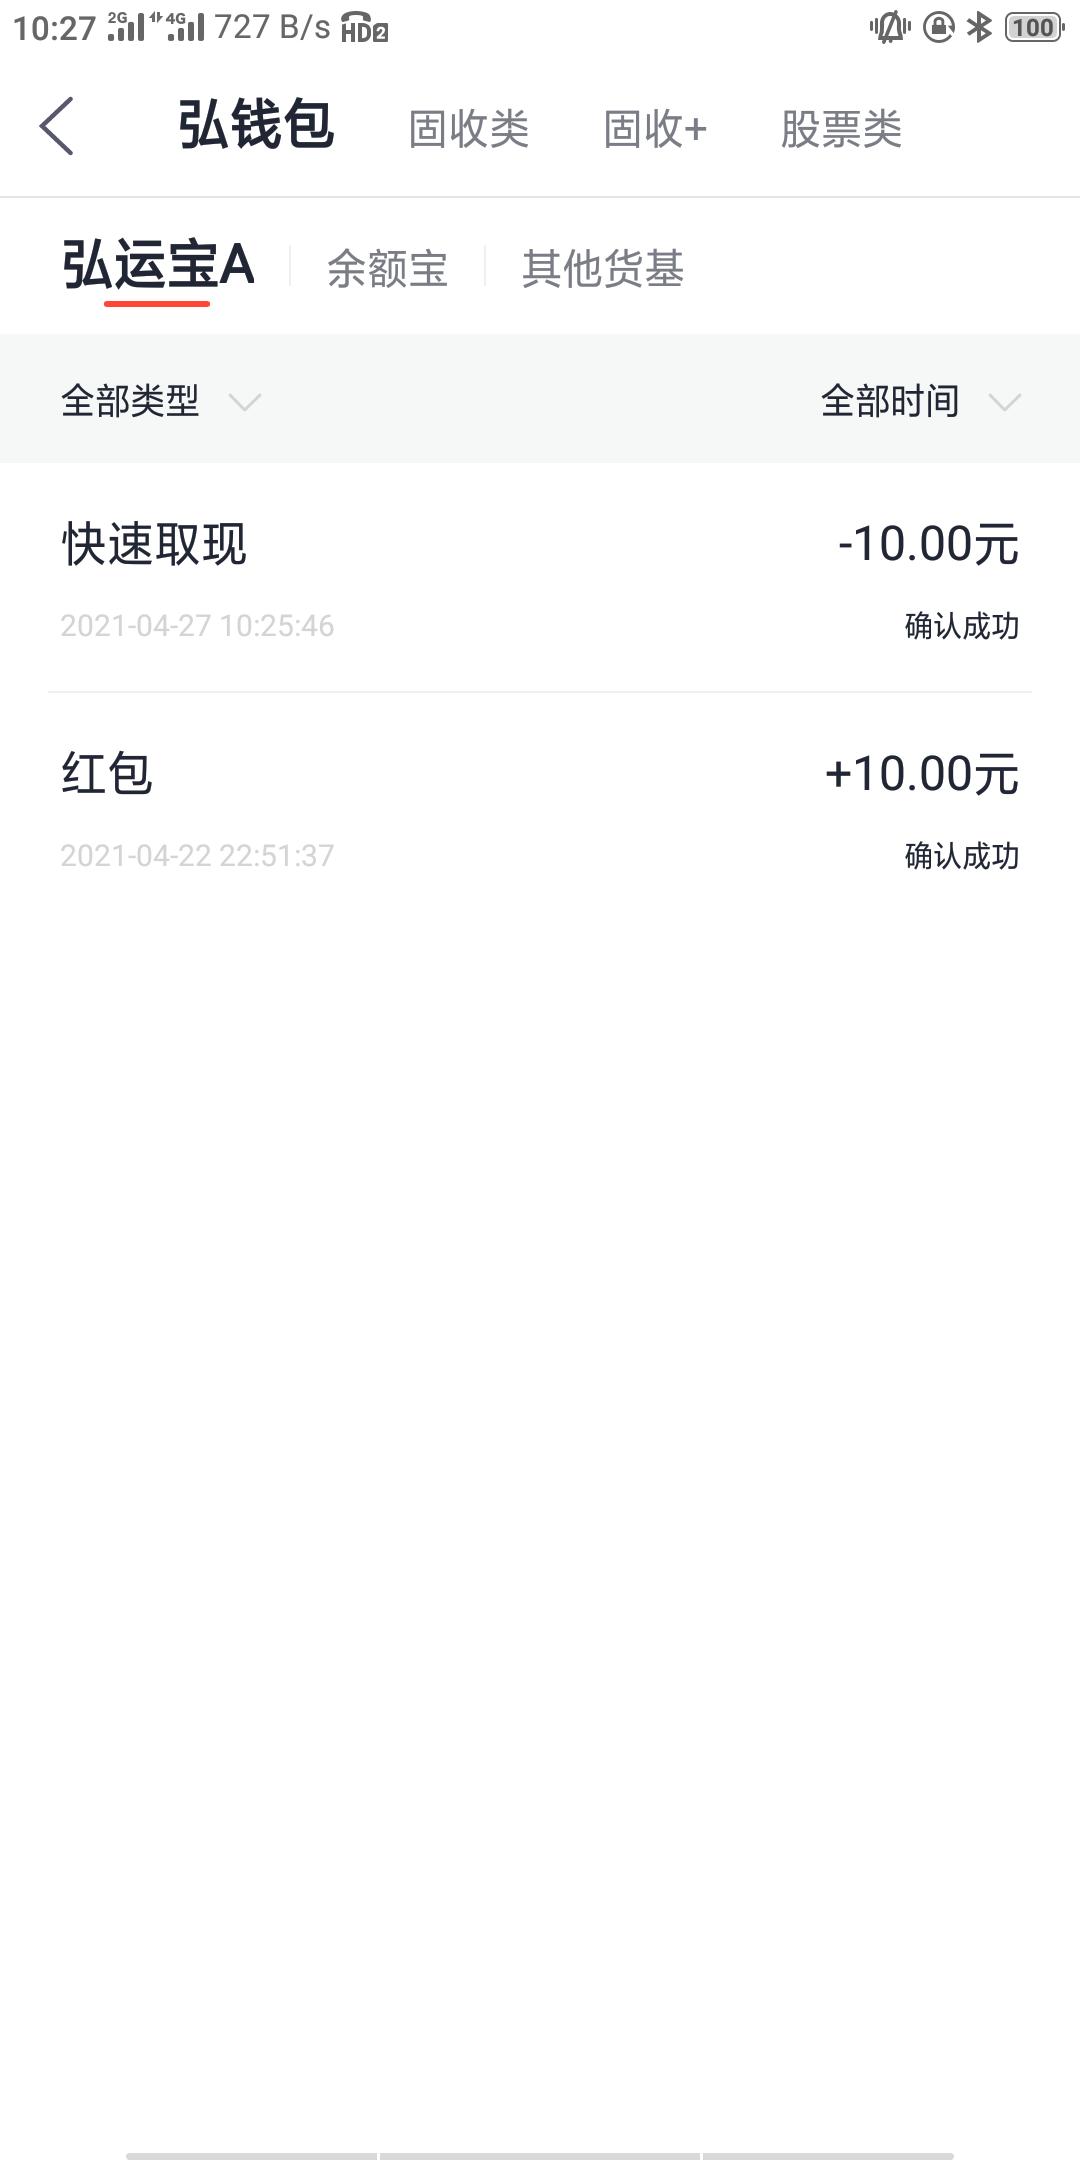 天弘基金领福利